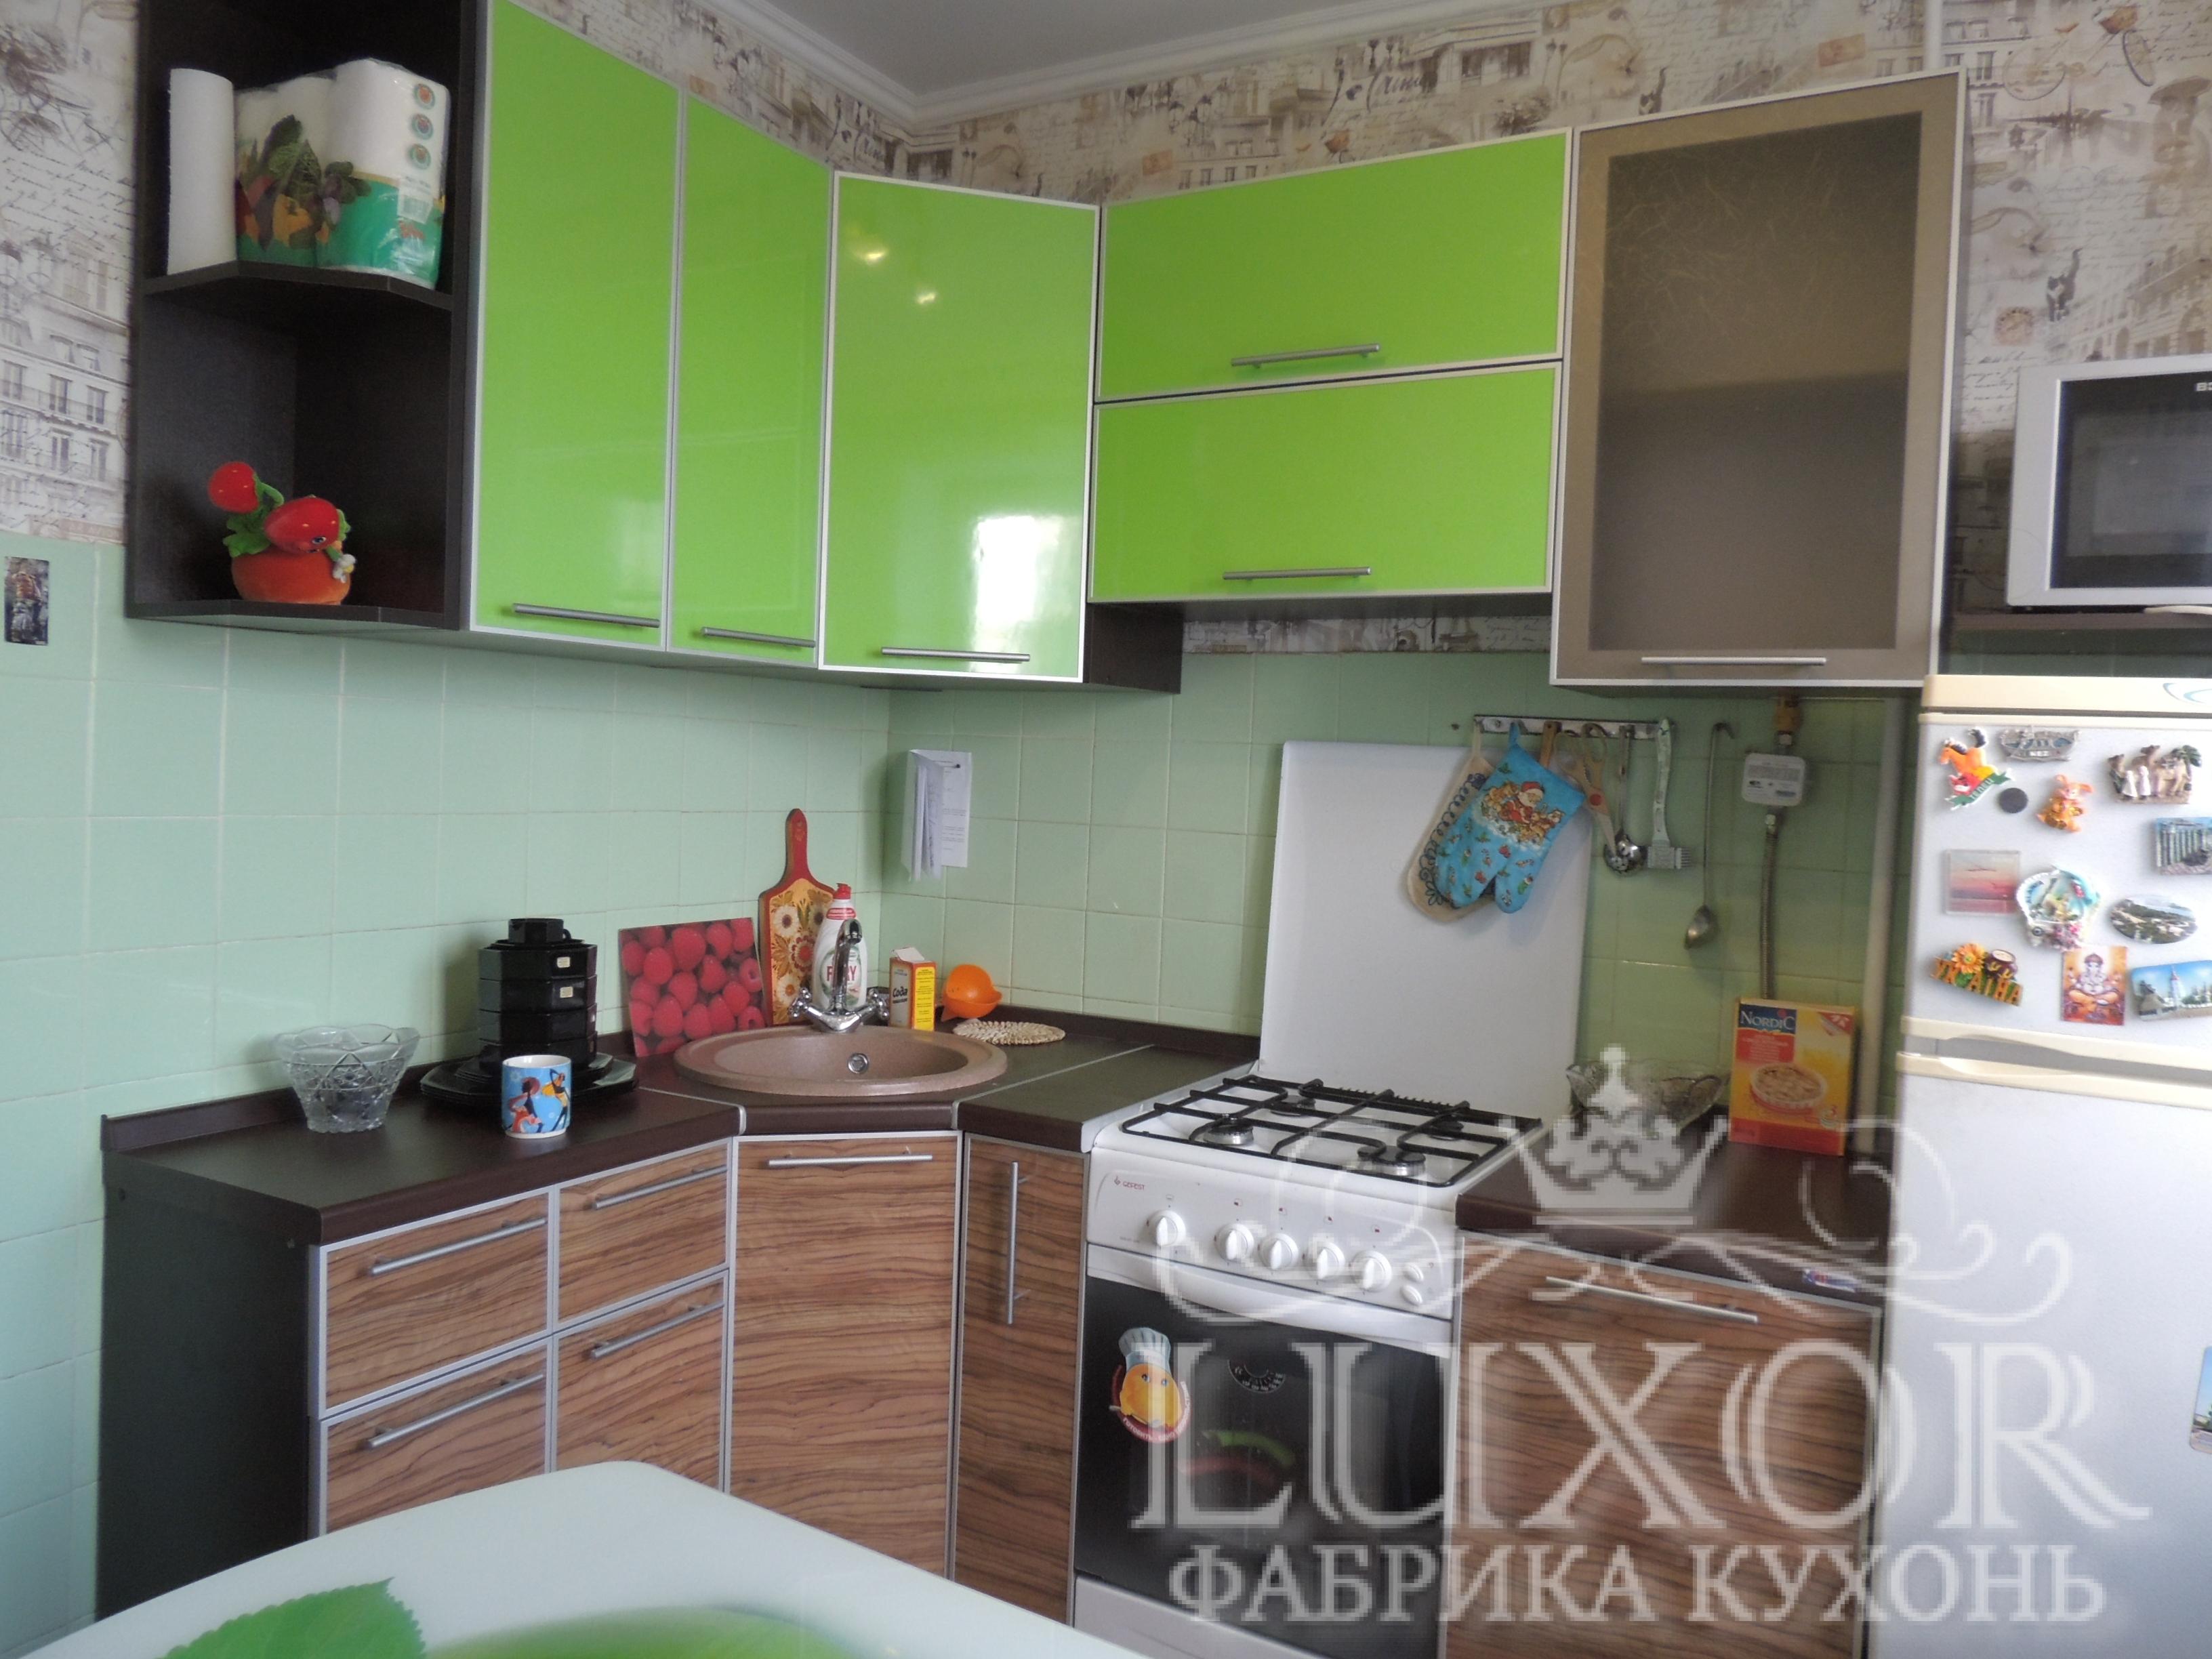 Кухня Майя - изображение